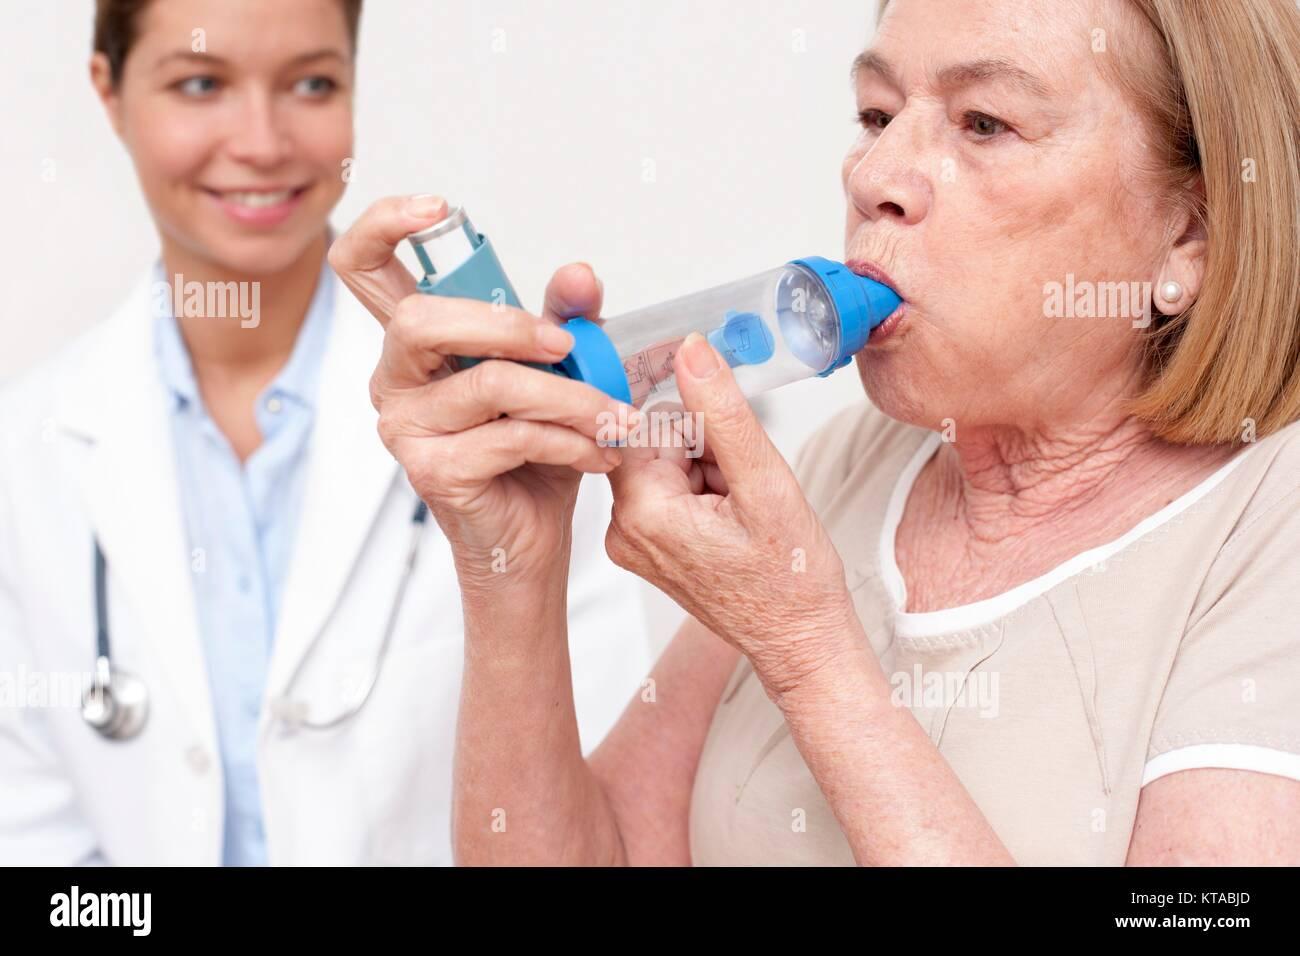 Senior woman using an inhaler, nurse watching. - Stock Image